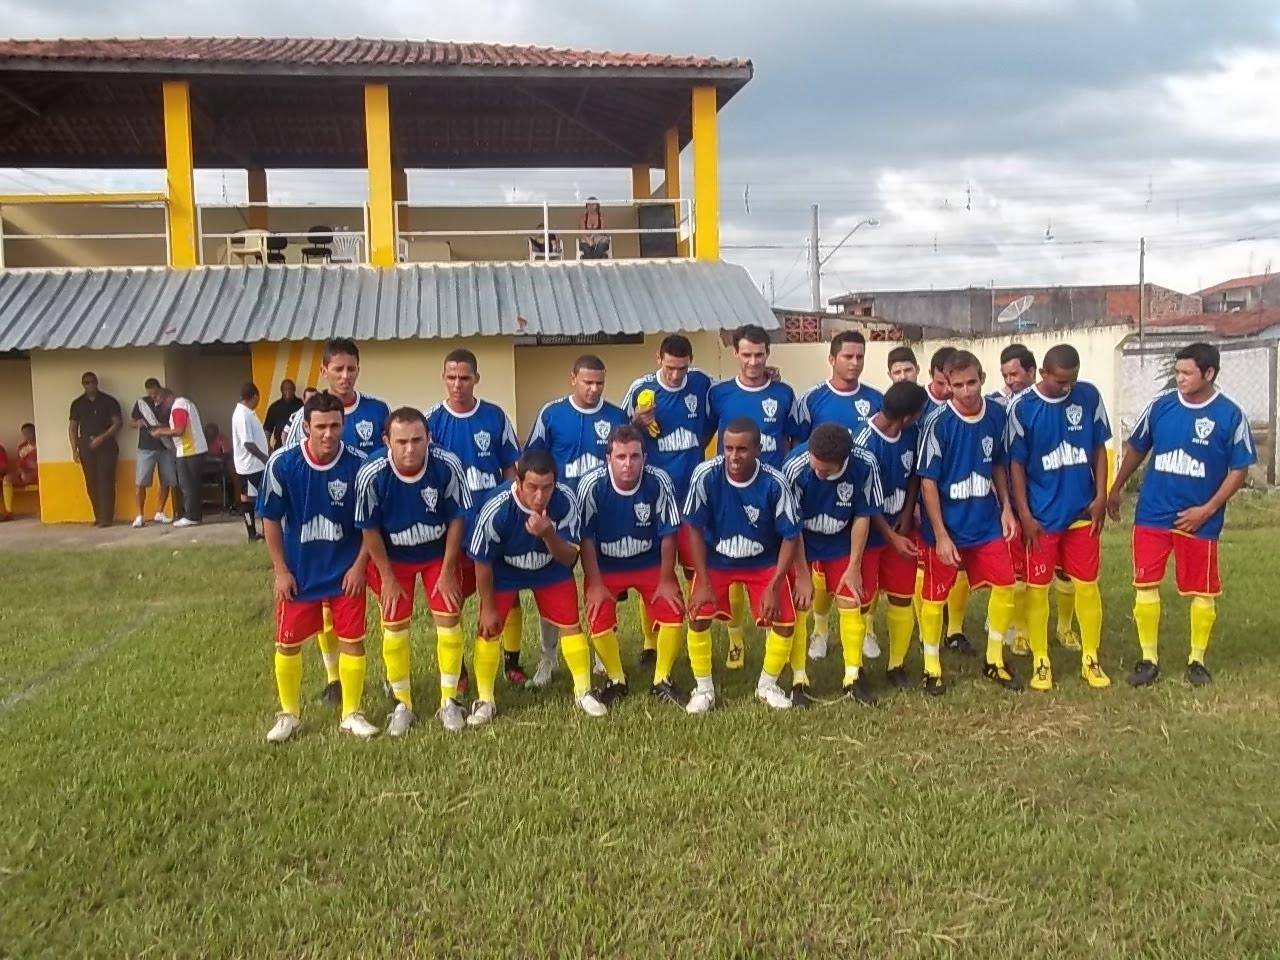 Abertura do Campeonato de Futebol de Campo Amador será realizada esta semana em Potim